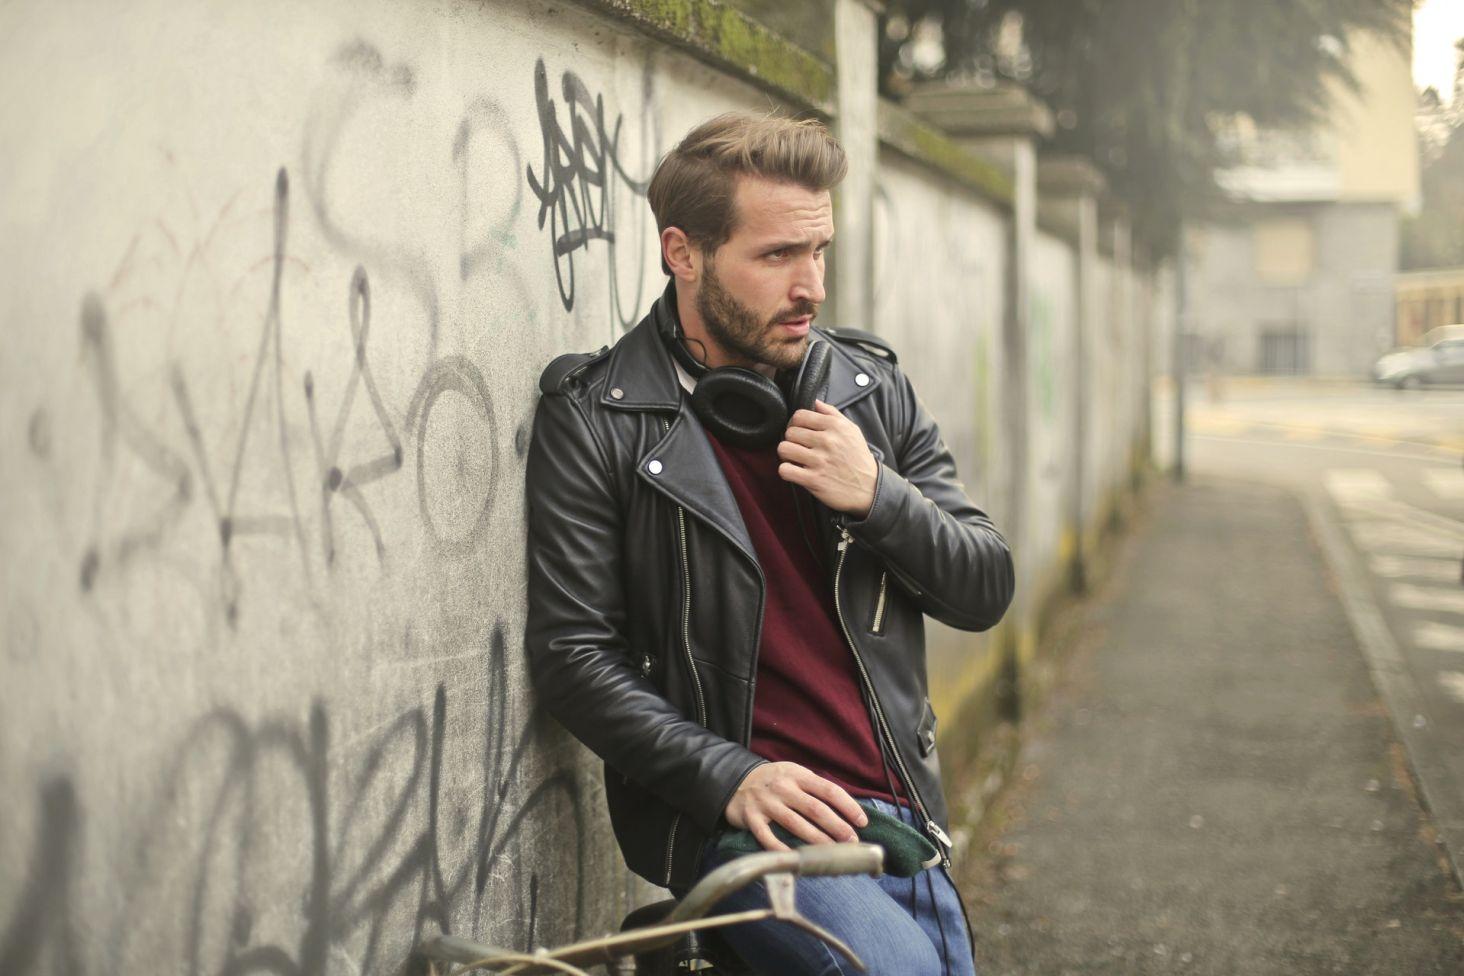 0ae1cdd9431b7 Skórzana kurtka w męskim wydaniu  jak ją nosić  - Blog Jego-Styl.pl